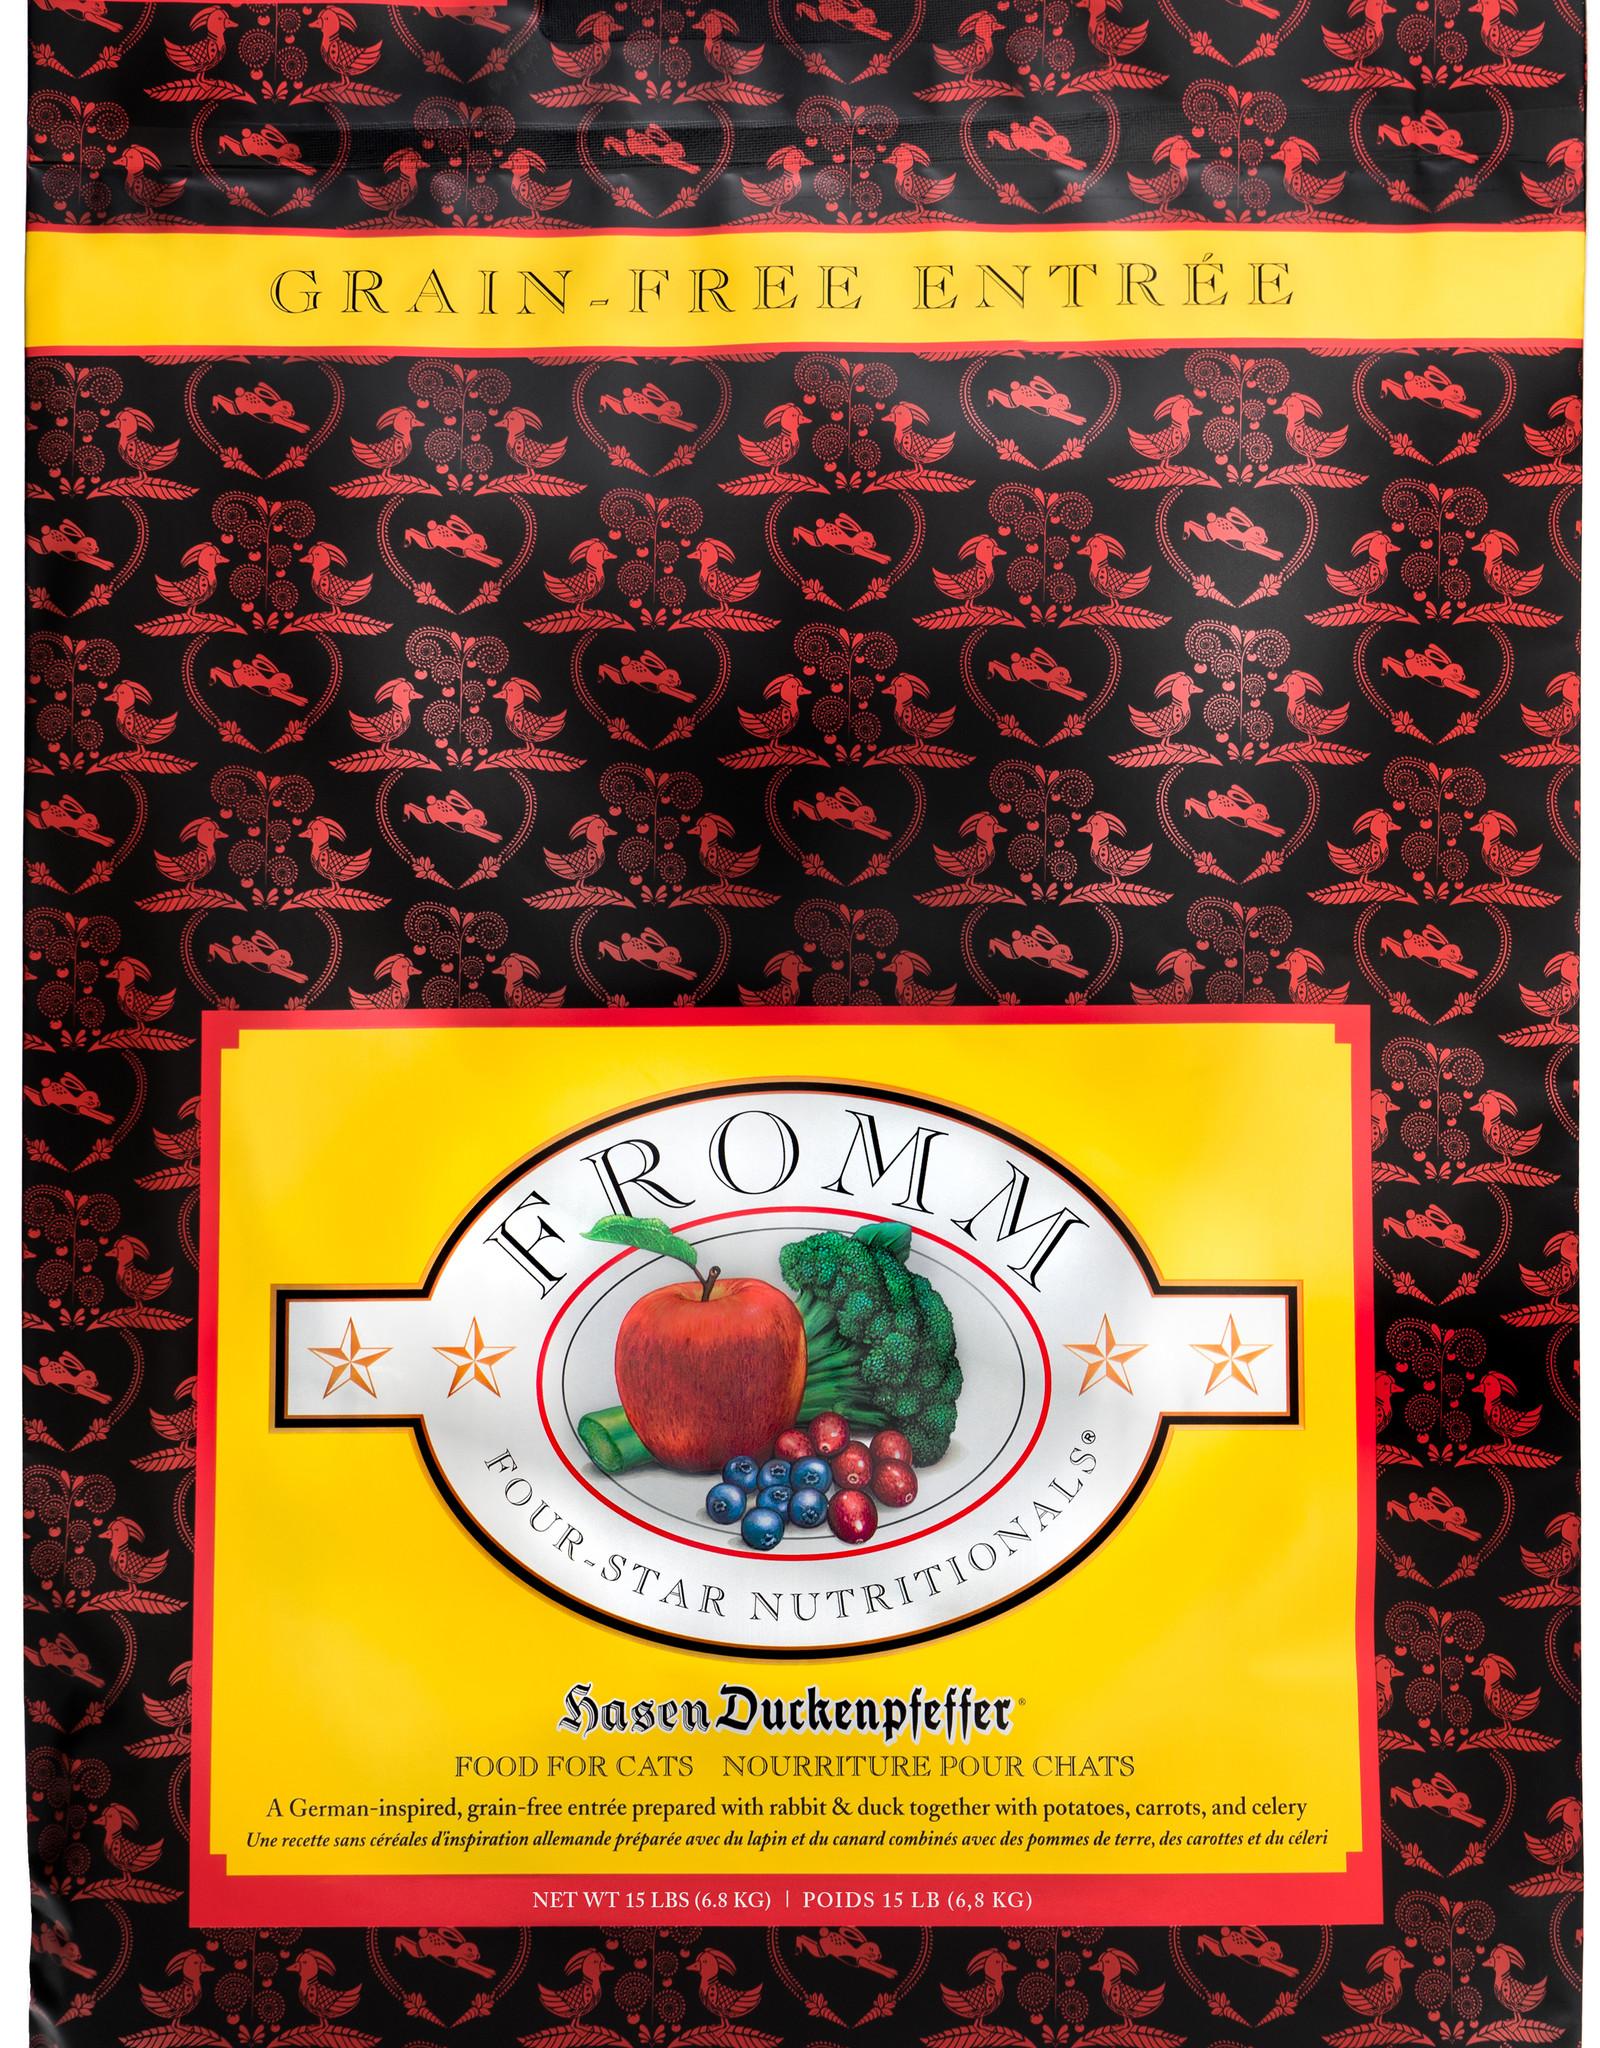 Fromm Fromm Four Star GF Cat Food Hasen Duckenpfeffer